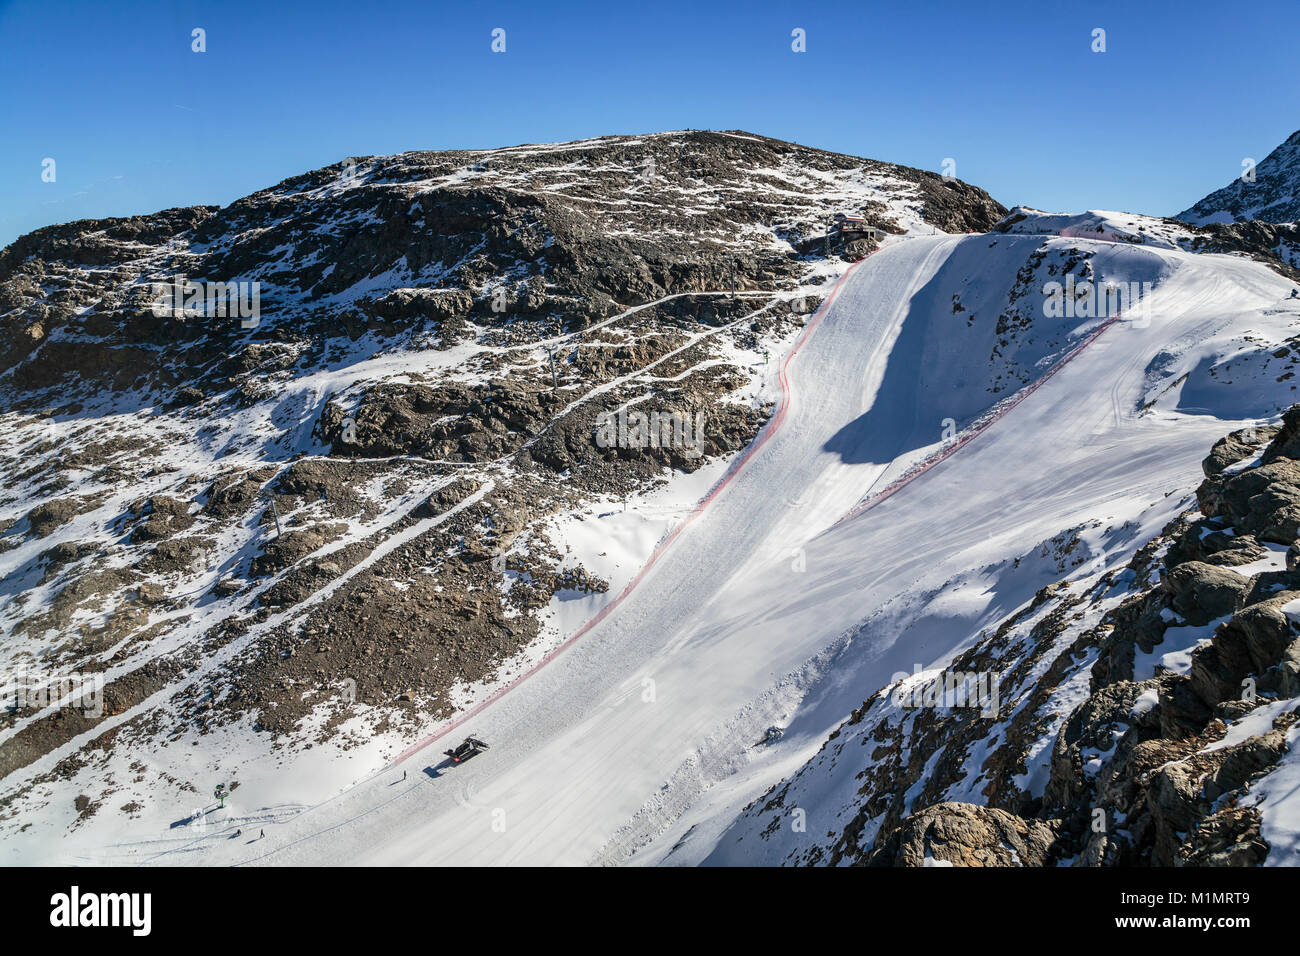 Una pista da sci del Bernina vette e il Ghiacciaio Diavolezza vicino a San Moritz, Svizzera, Europa. Immagini Stock